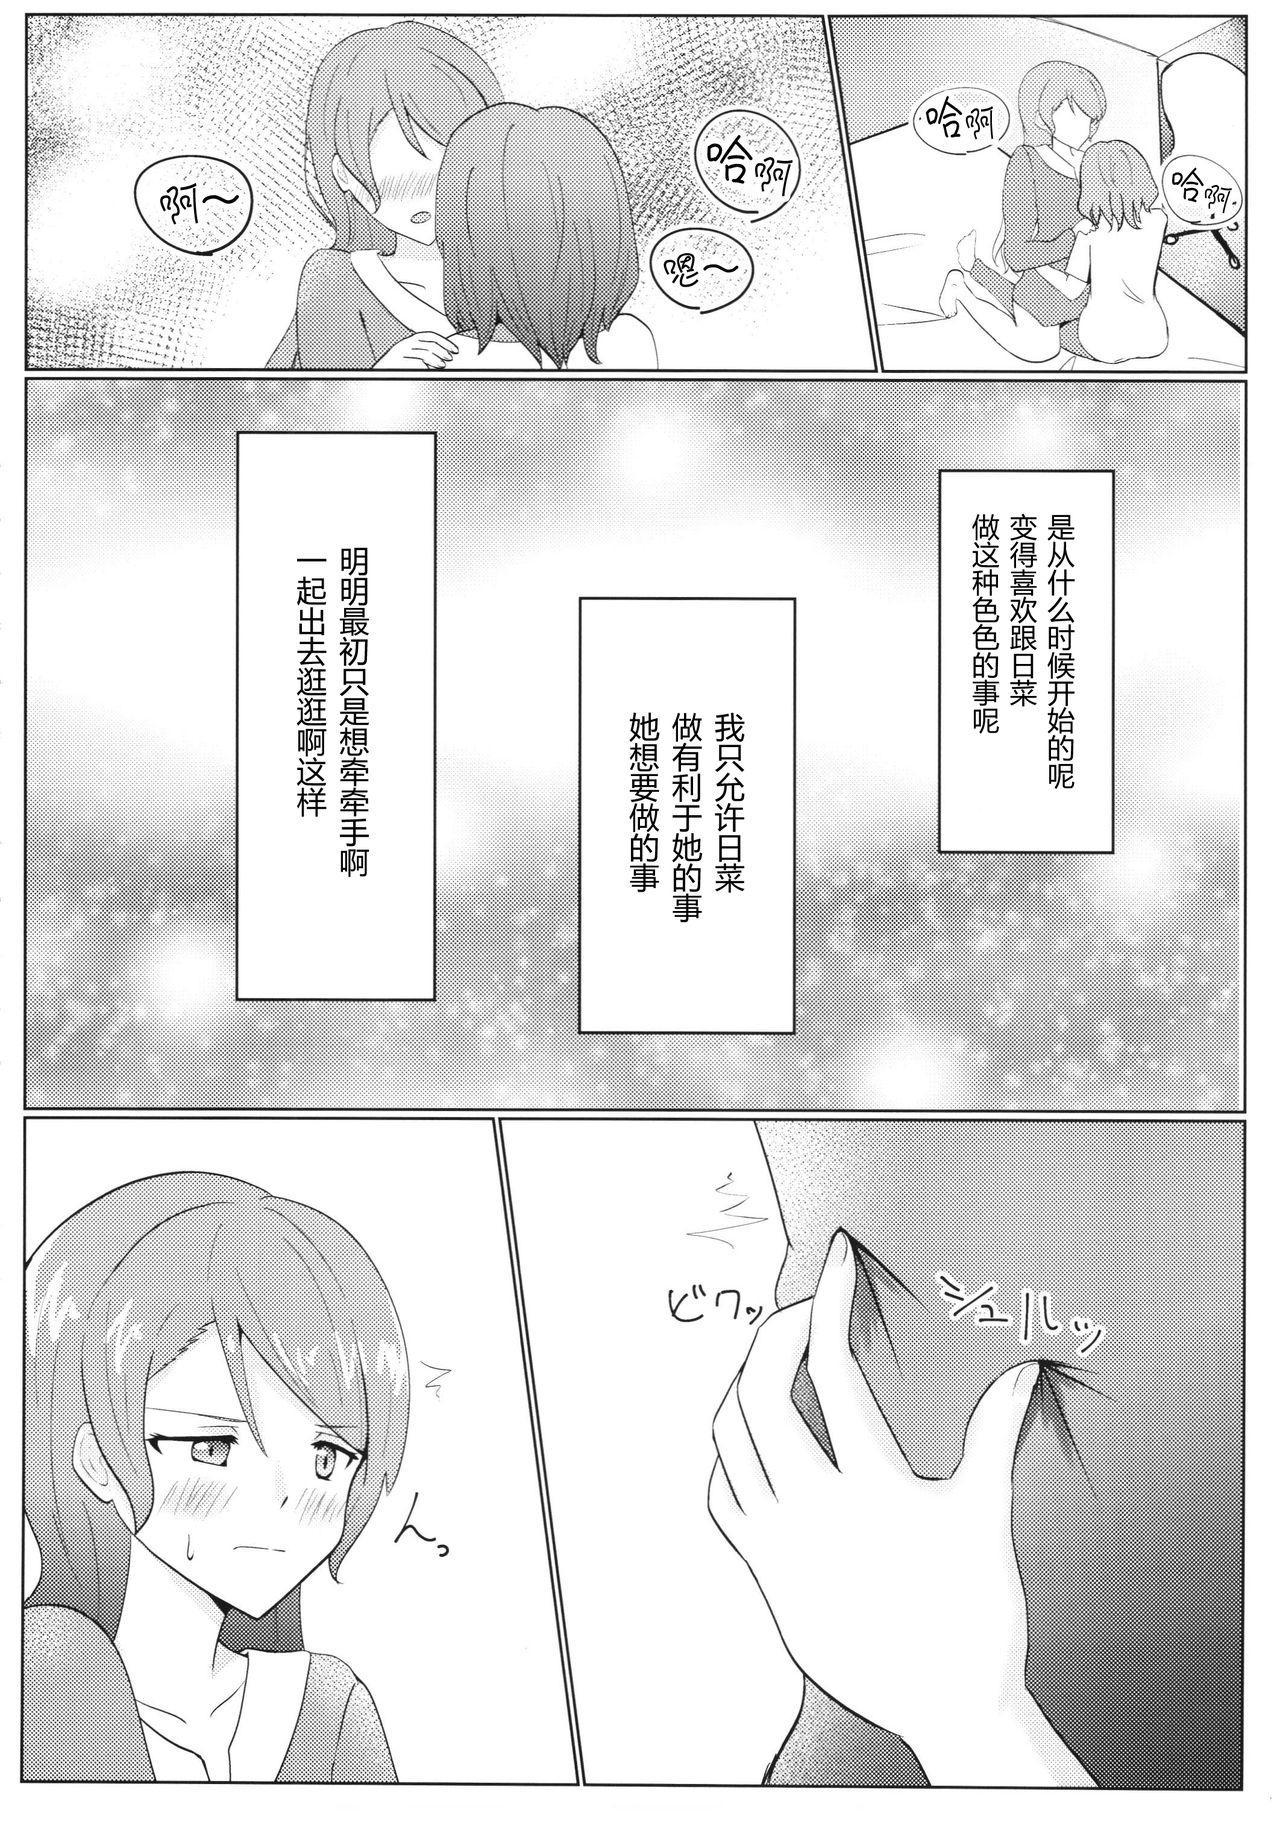 氷川姉妹18禁合同「今日は一緒に寝てもいい?」 51